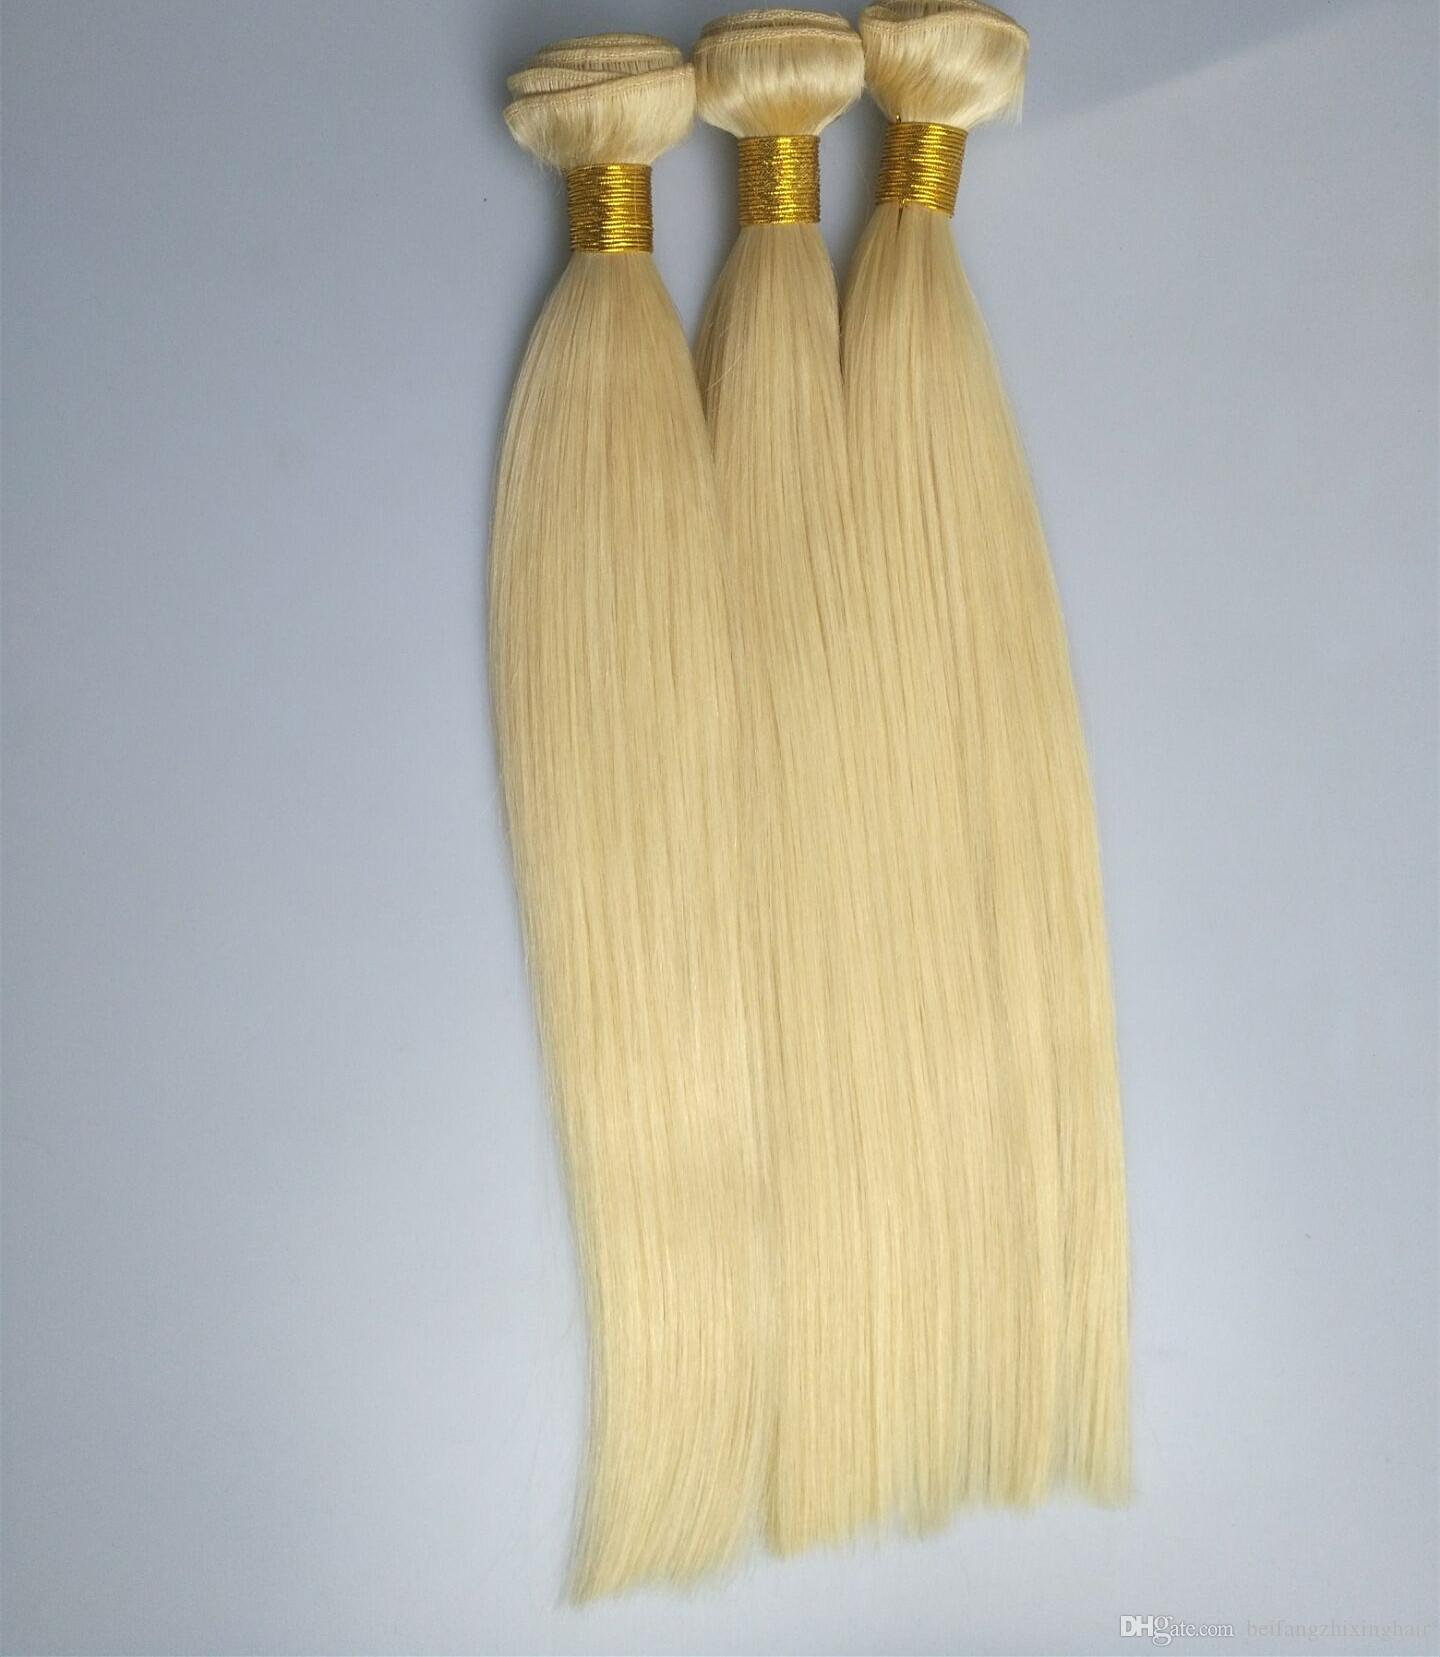 최고 품질의 실크 스트레이트 웨이브 헤어 번들 100 % 인간 페루 머리 100g / pc3pcs 많이, 24inch 색상 613 # P6 / 61326Inch 갈색 색 4 #, 9 로트